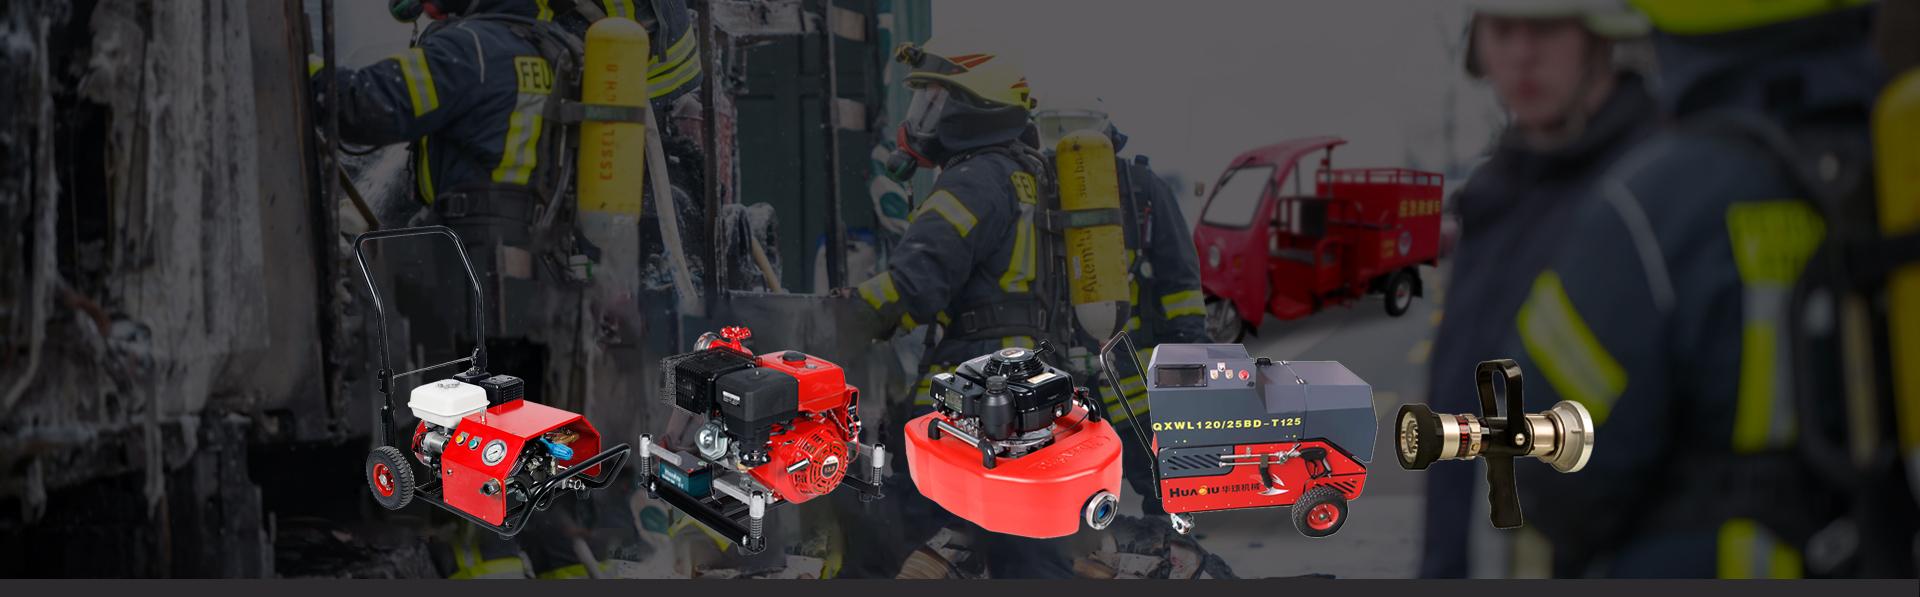 手抬消防泵